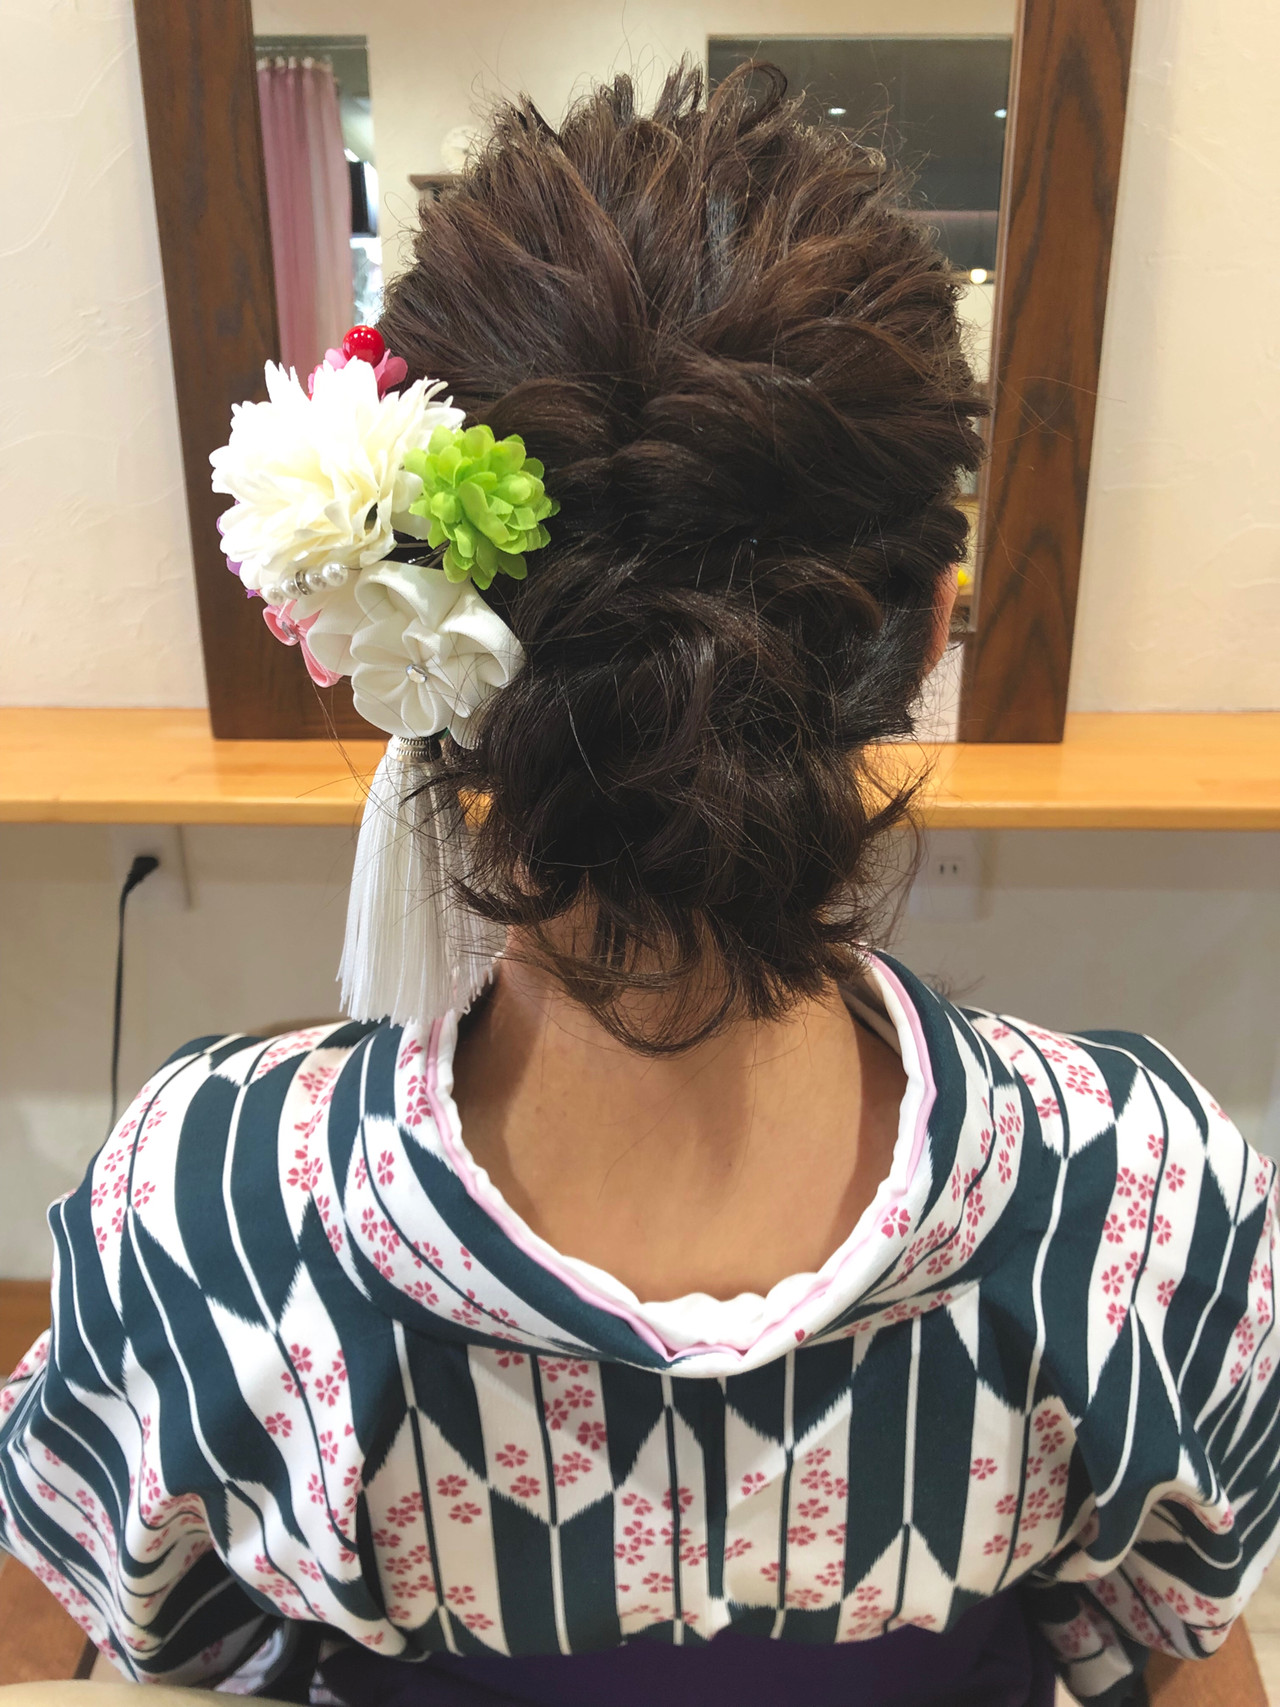 ヘアアレンジ ボブ 卒業式 ナチュラル ヘアスタイルや髪型の写真・画像 | tomohiko/石川県 cherche / cherche シェルシェ